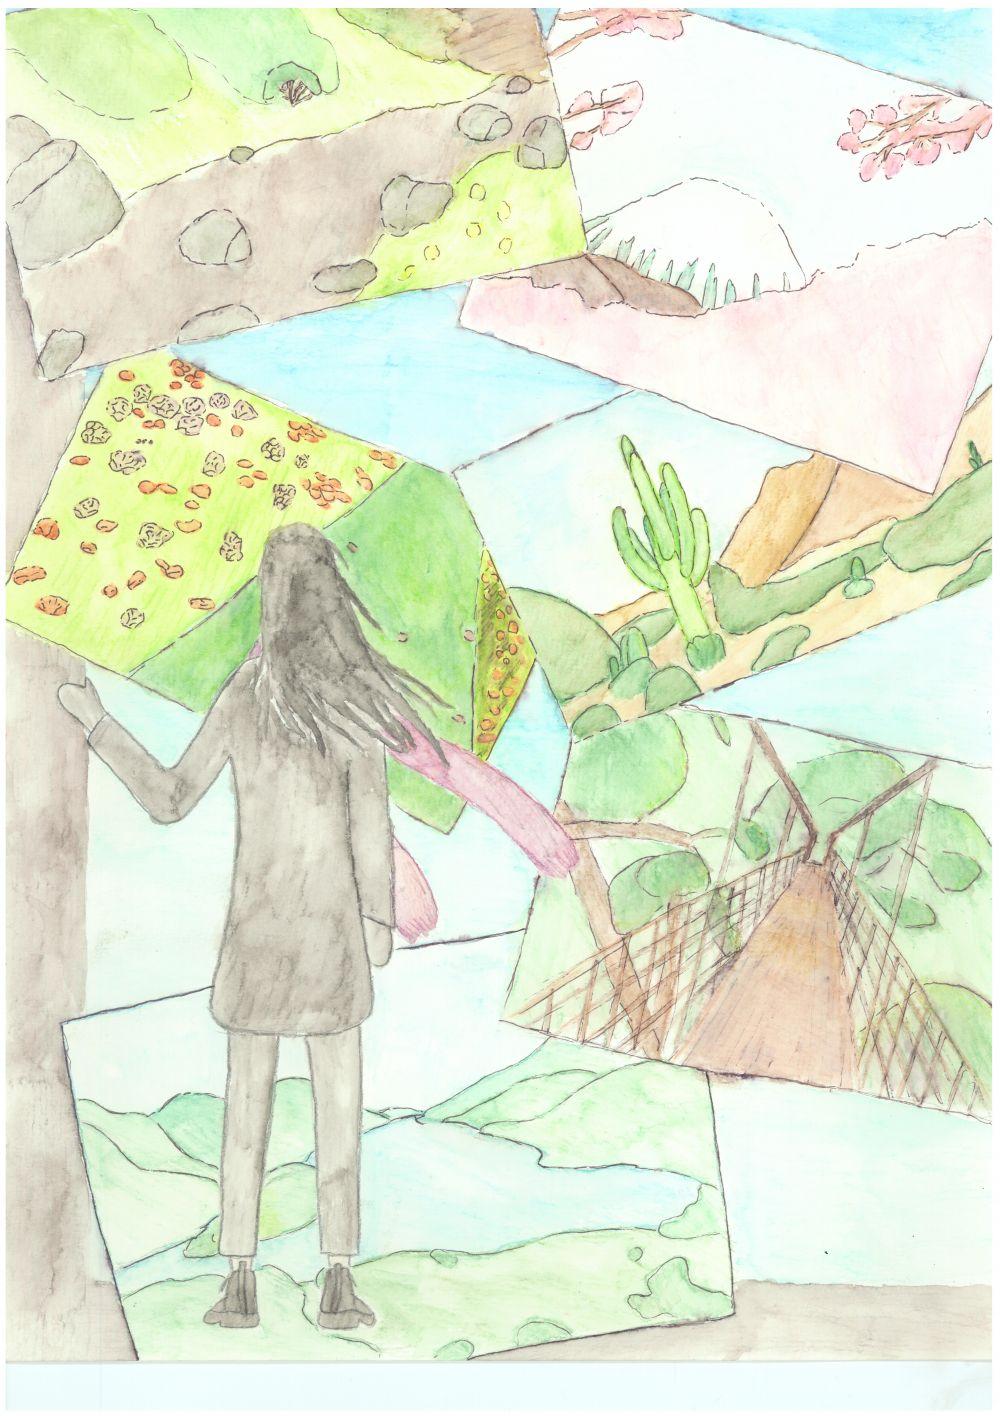 Gewinner-Zeichnung, Bild Sonderpreis GVB, 13 bis 16 Jahre, Umwelt-Zeichnungswettbewerb 2018